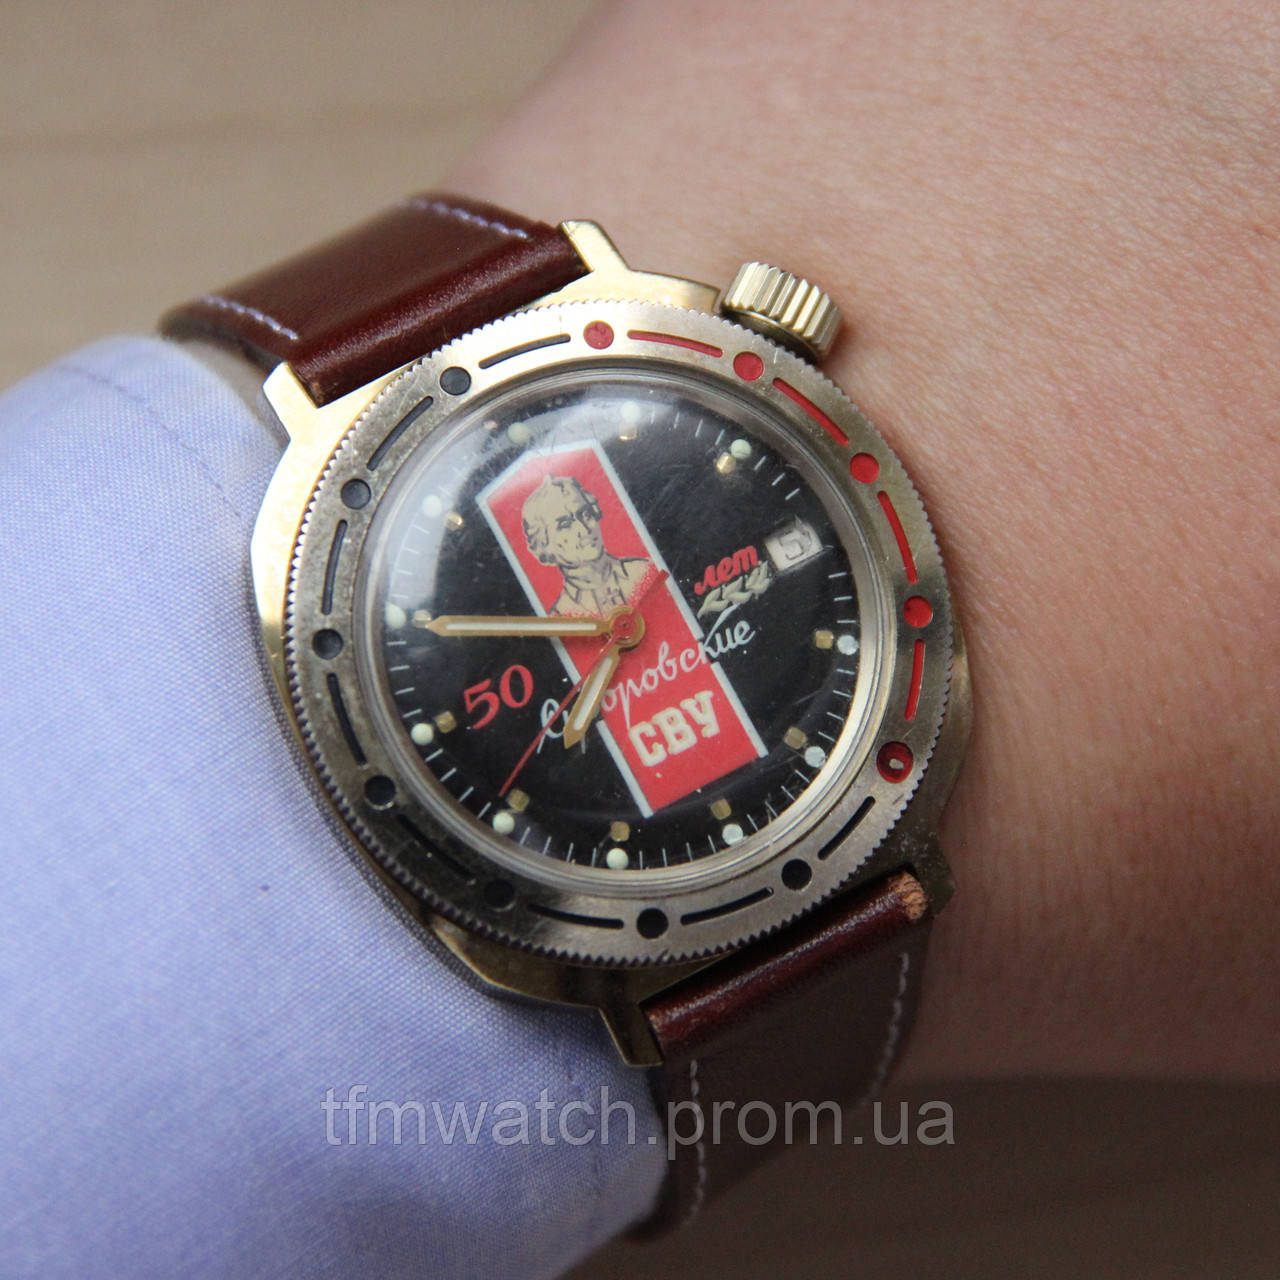 Суворовский часы купить джек леман часы купить в